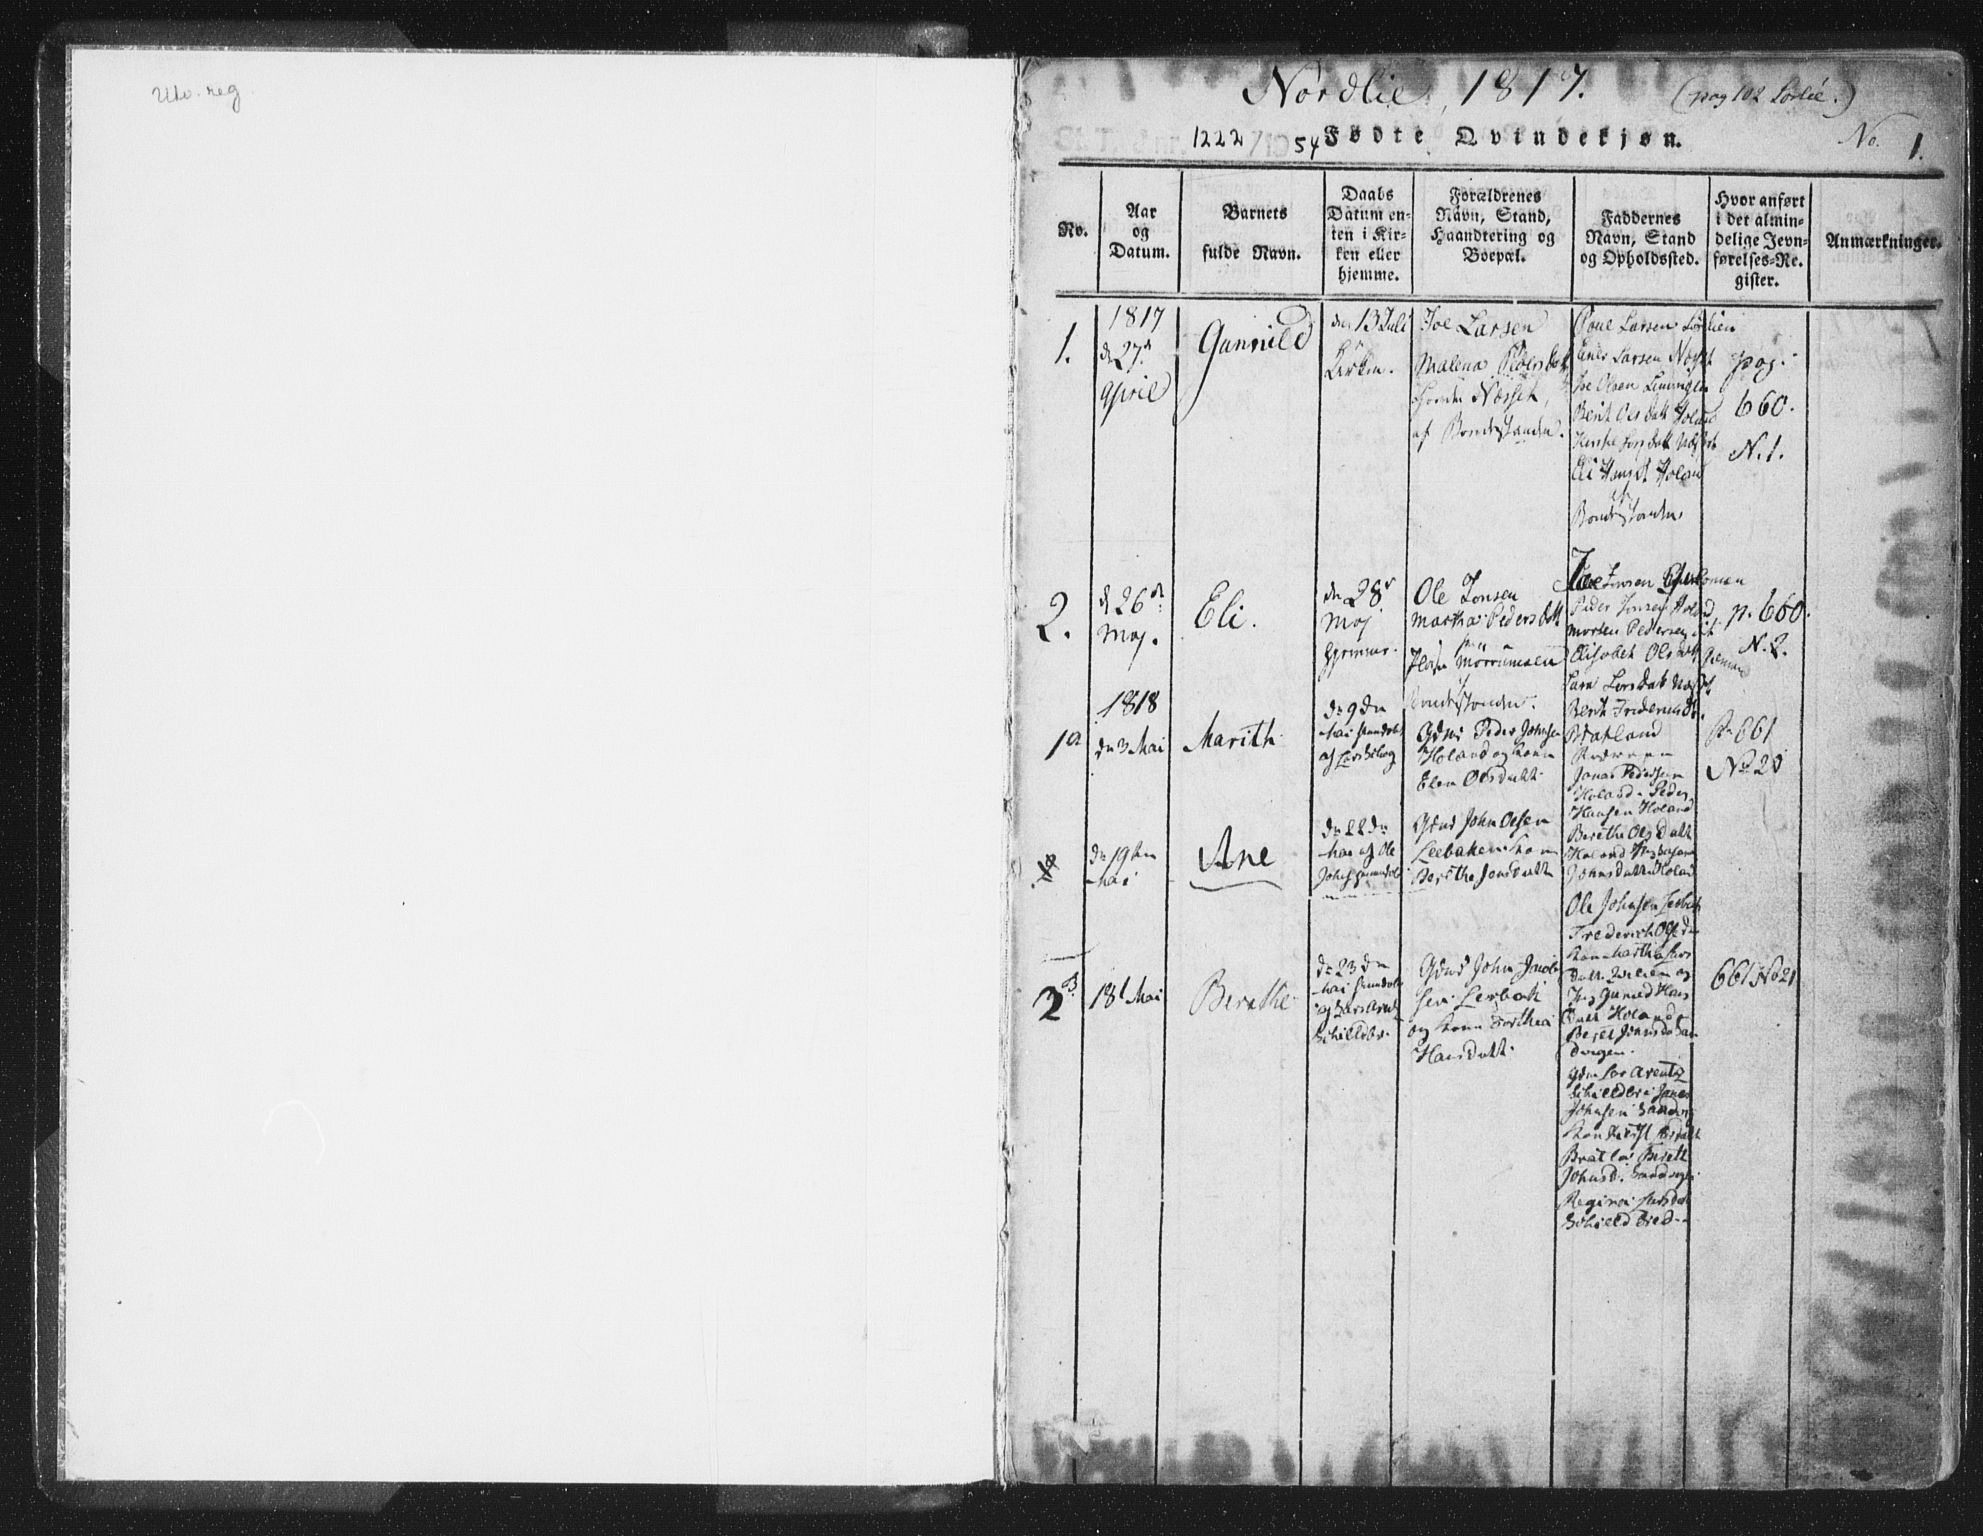 SAT, Ministerialprotokoller, klokkerbøker og fødselsregistre - Nord-Trøndelag, 755/L0491: Ministerialbok nr. 755A01 /1, 1817-1864, s. 0-1